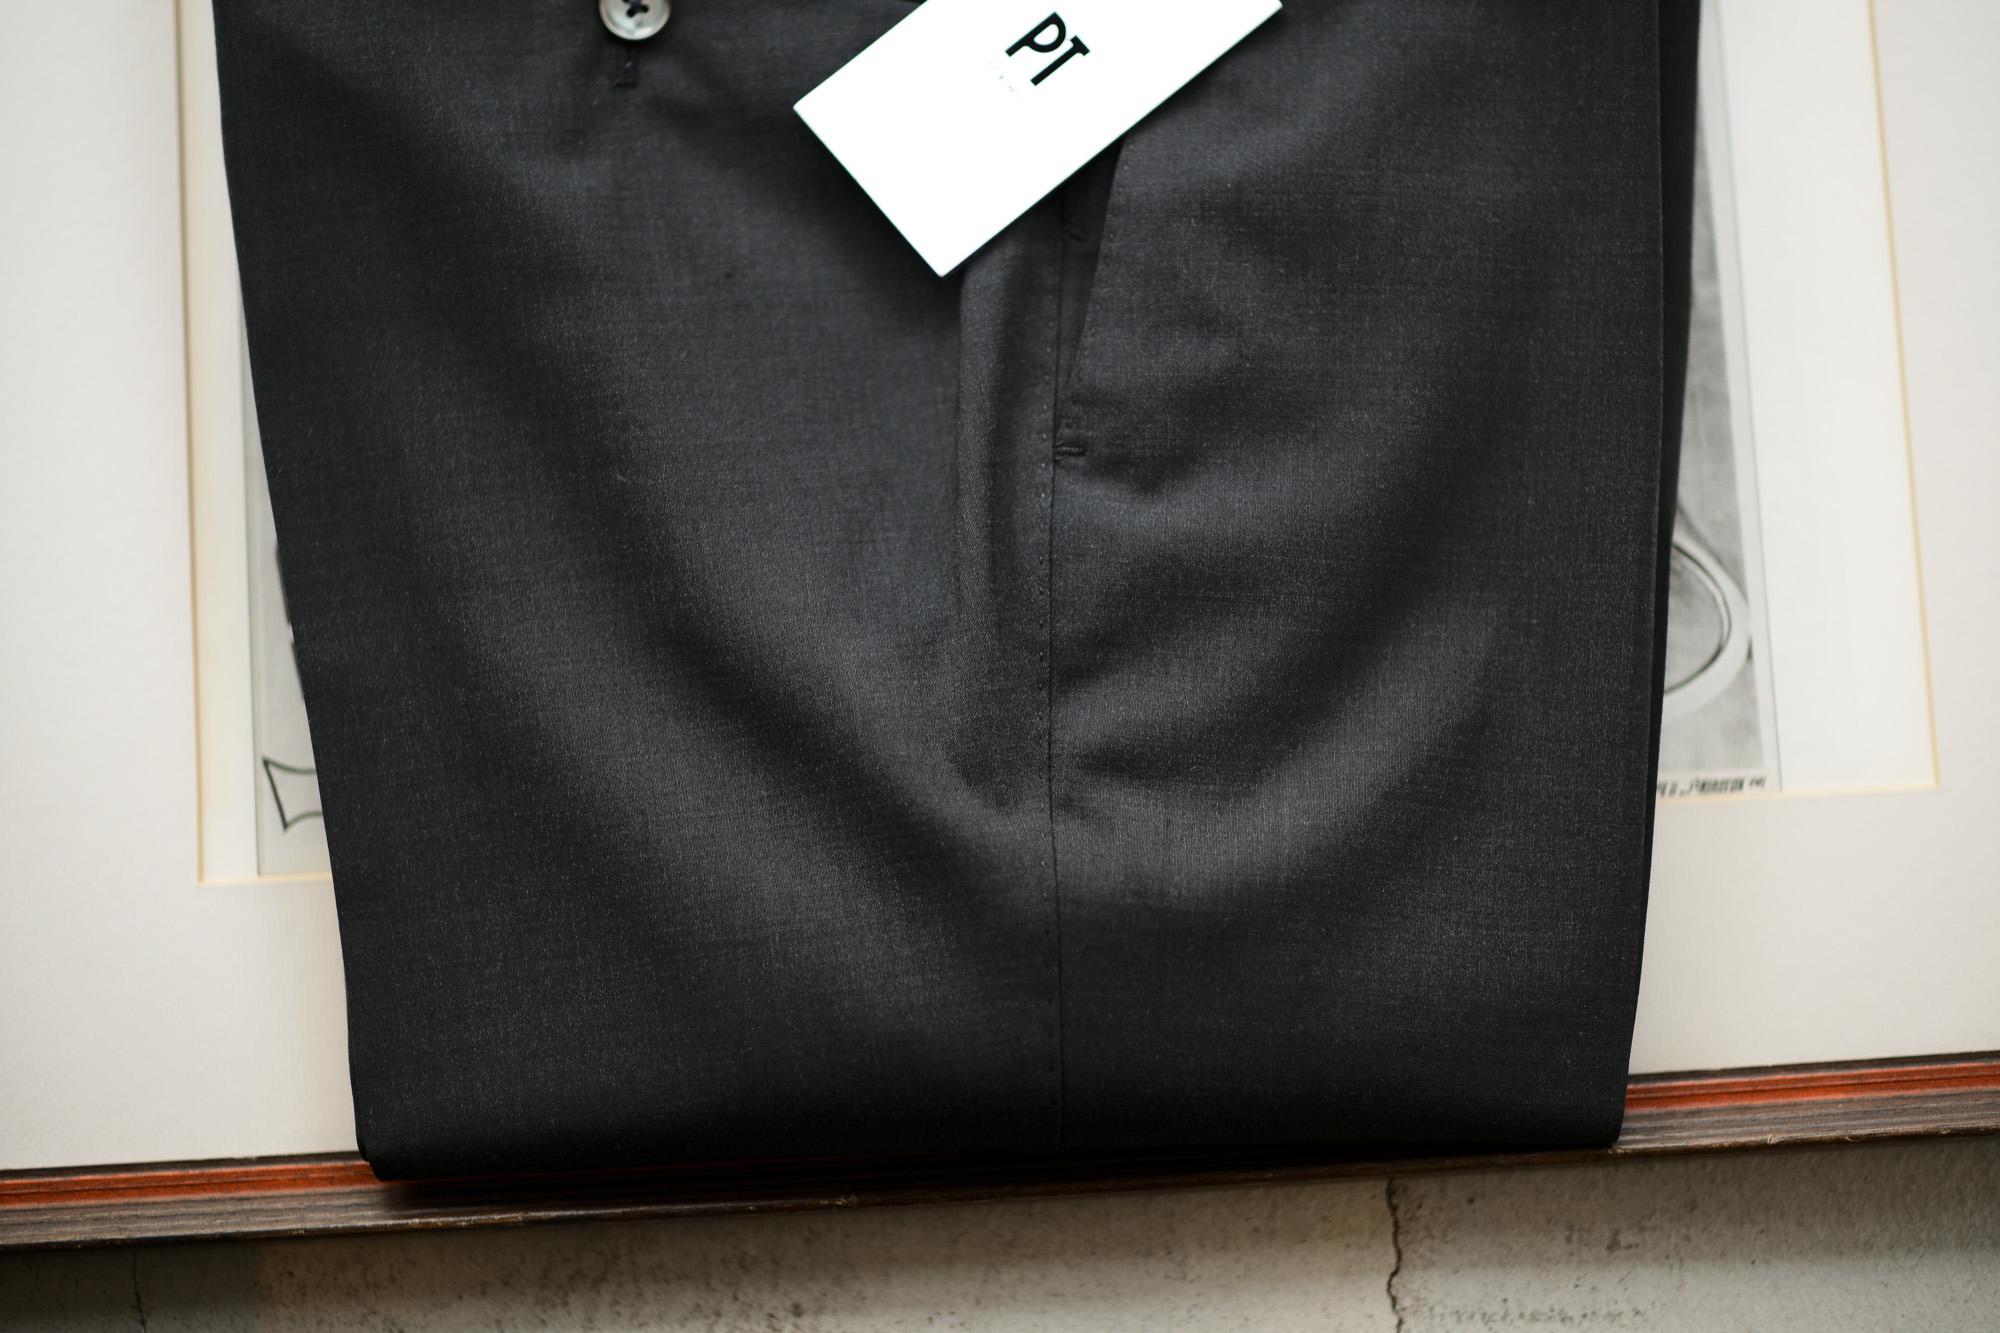 PT TORINO(ピーティートリノ) TRAVELLER (トラベラー) SUPER SLIM FIT (スーパースリムフィット) WASHABLE TECHNO WOOL ストレッチ ウォッシャブル トロピカル サマーウール スラックス CHACOAL GRAY (チャコールグレー・0260) 2020 春夏新作 pttorino 愛知 名古屋 altoediritto アルトエデリット